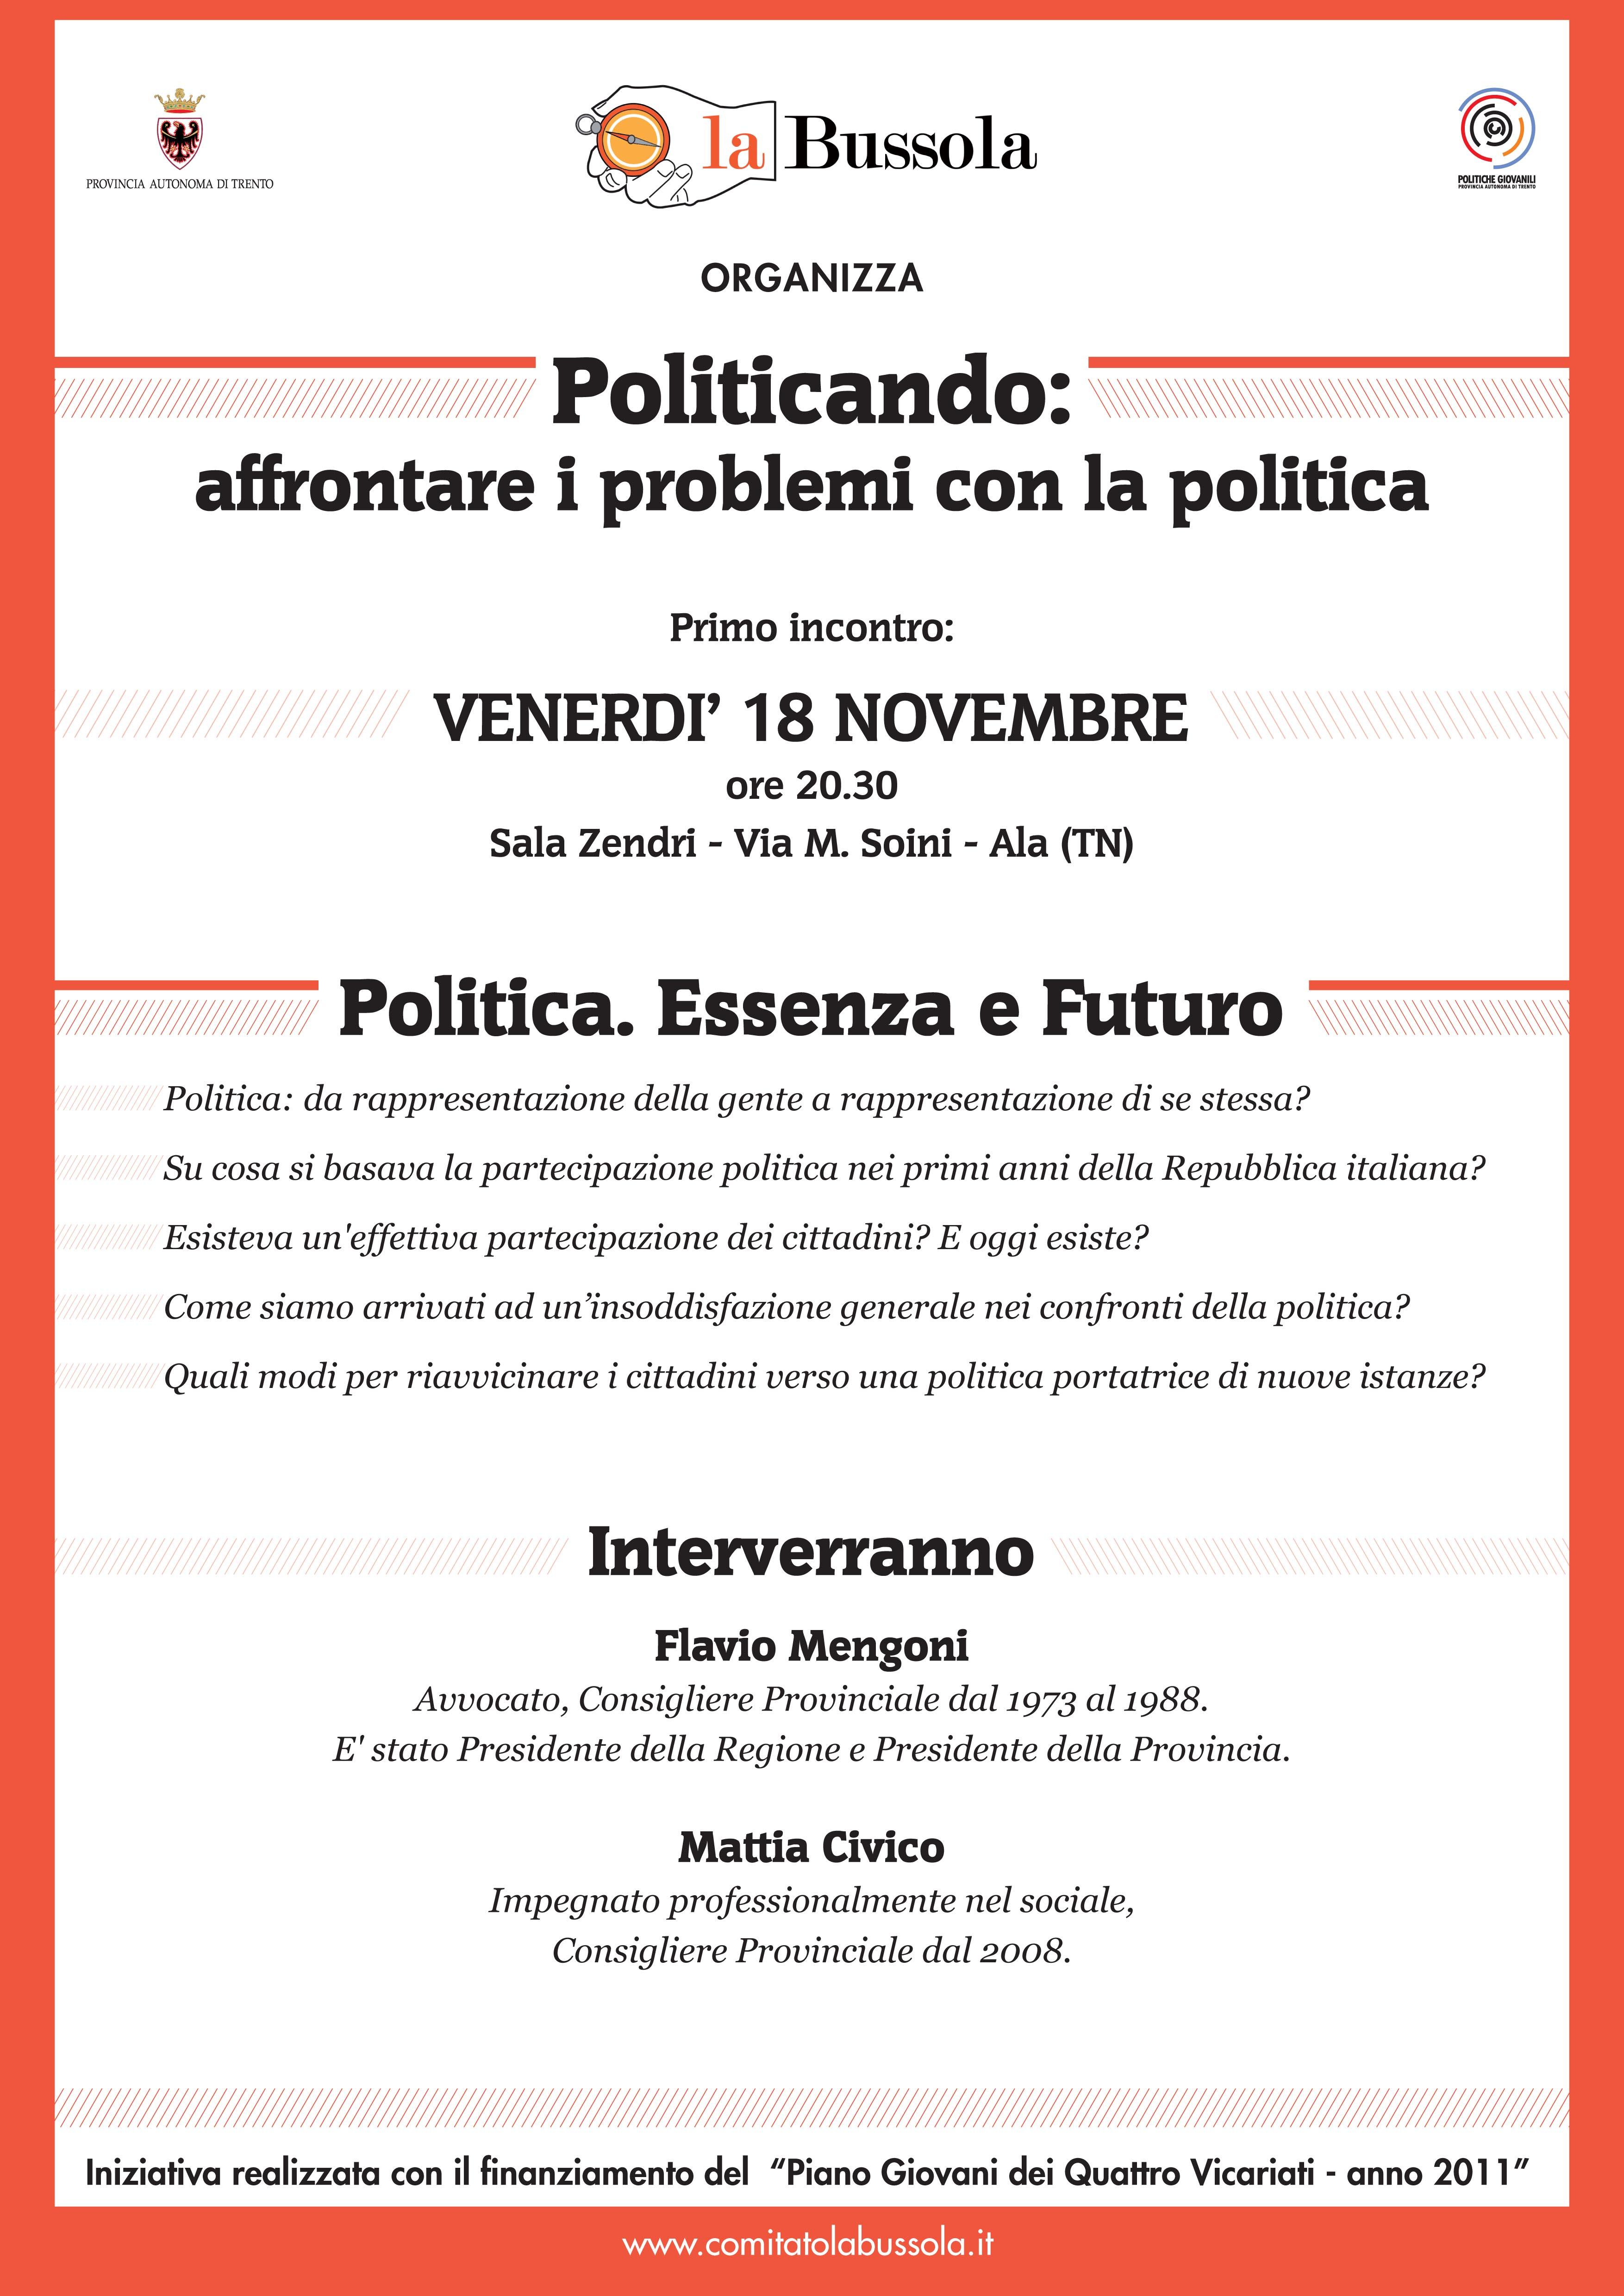 Politicando_serata 18/11/2011